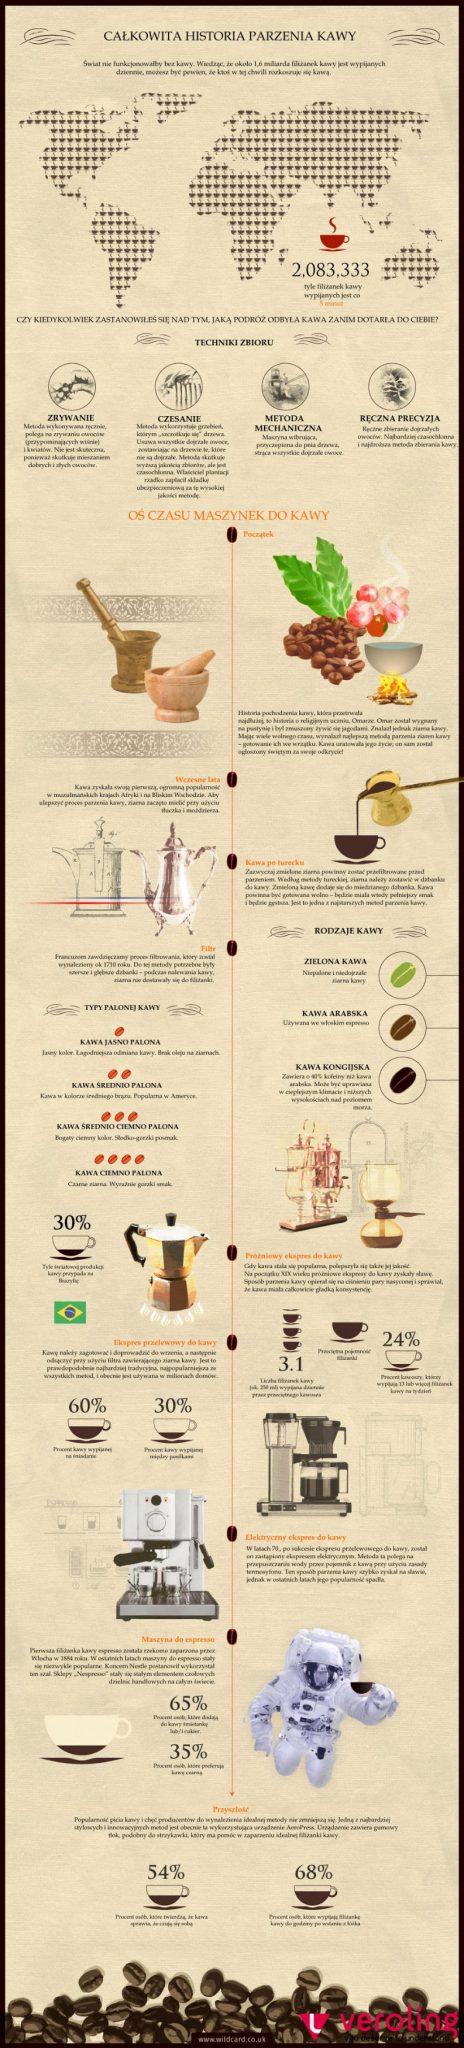 Historia parzenia kawy